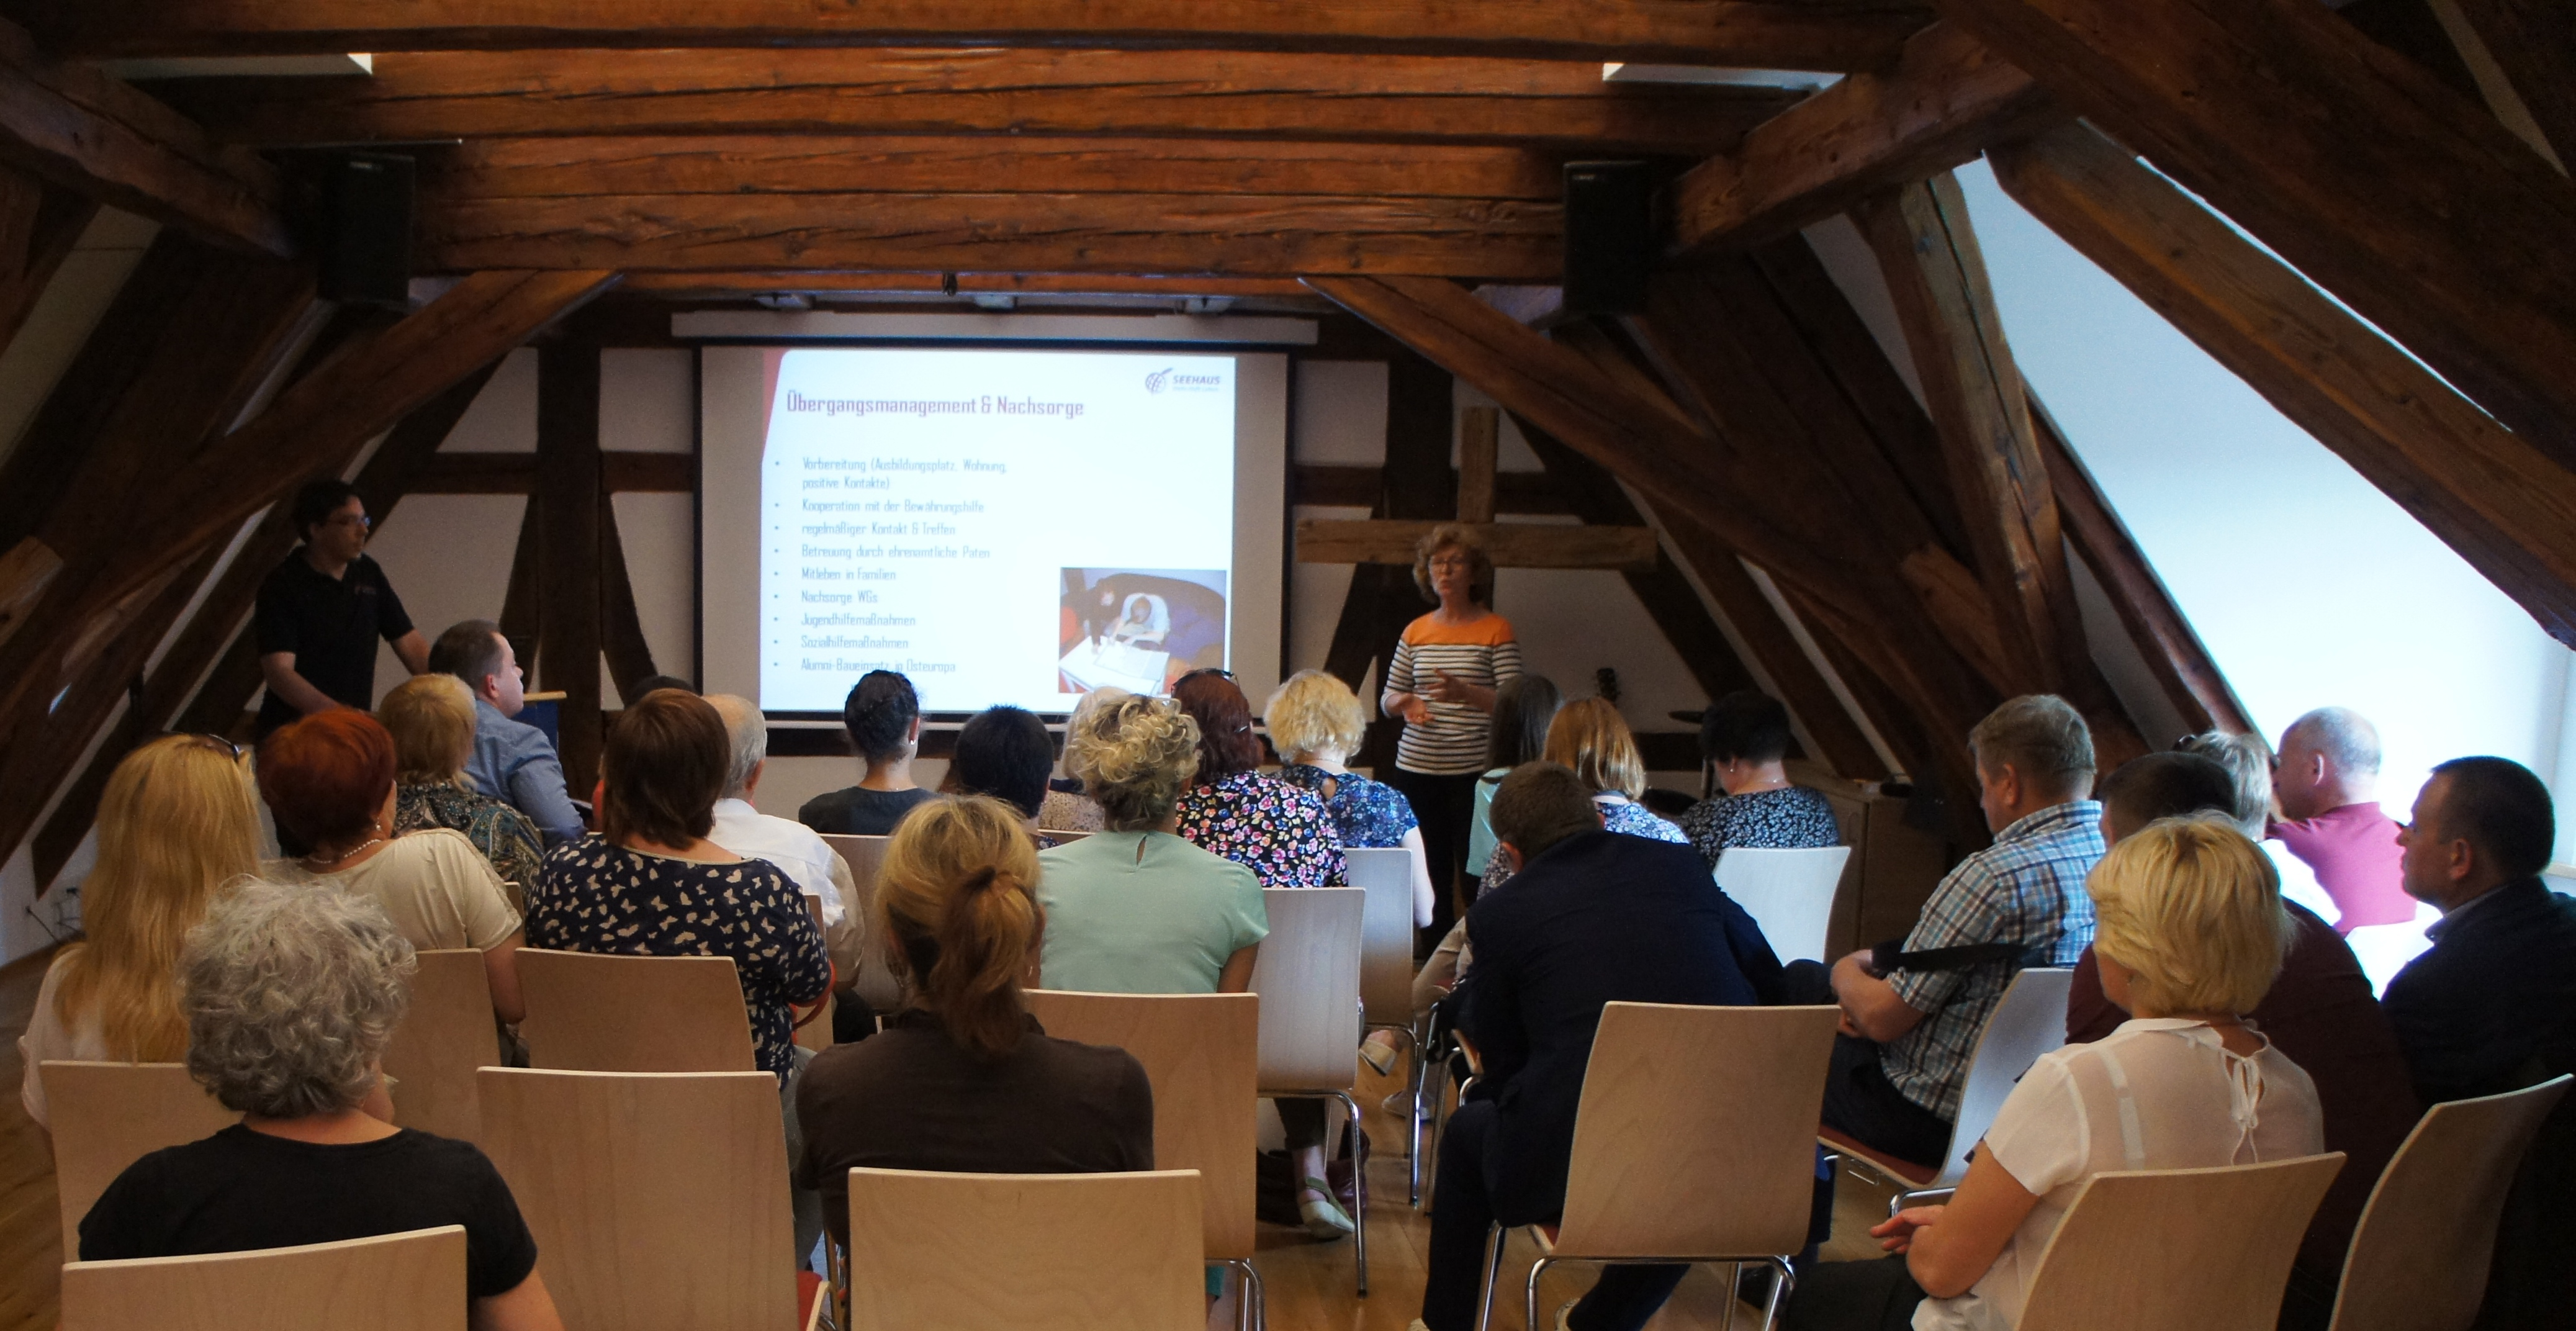 Blick über die Köpfe des Publikums auf die Präsentation auf dem Dachboden.